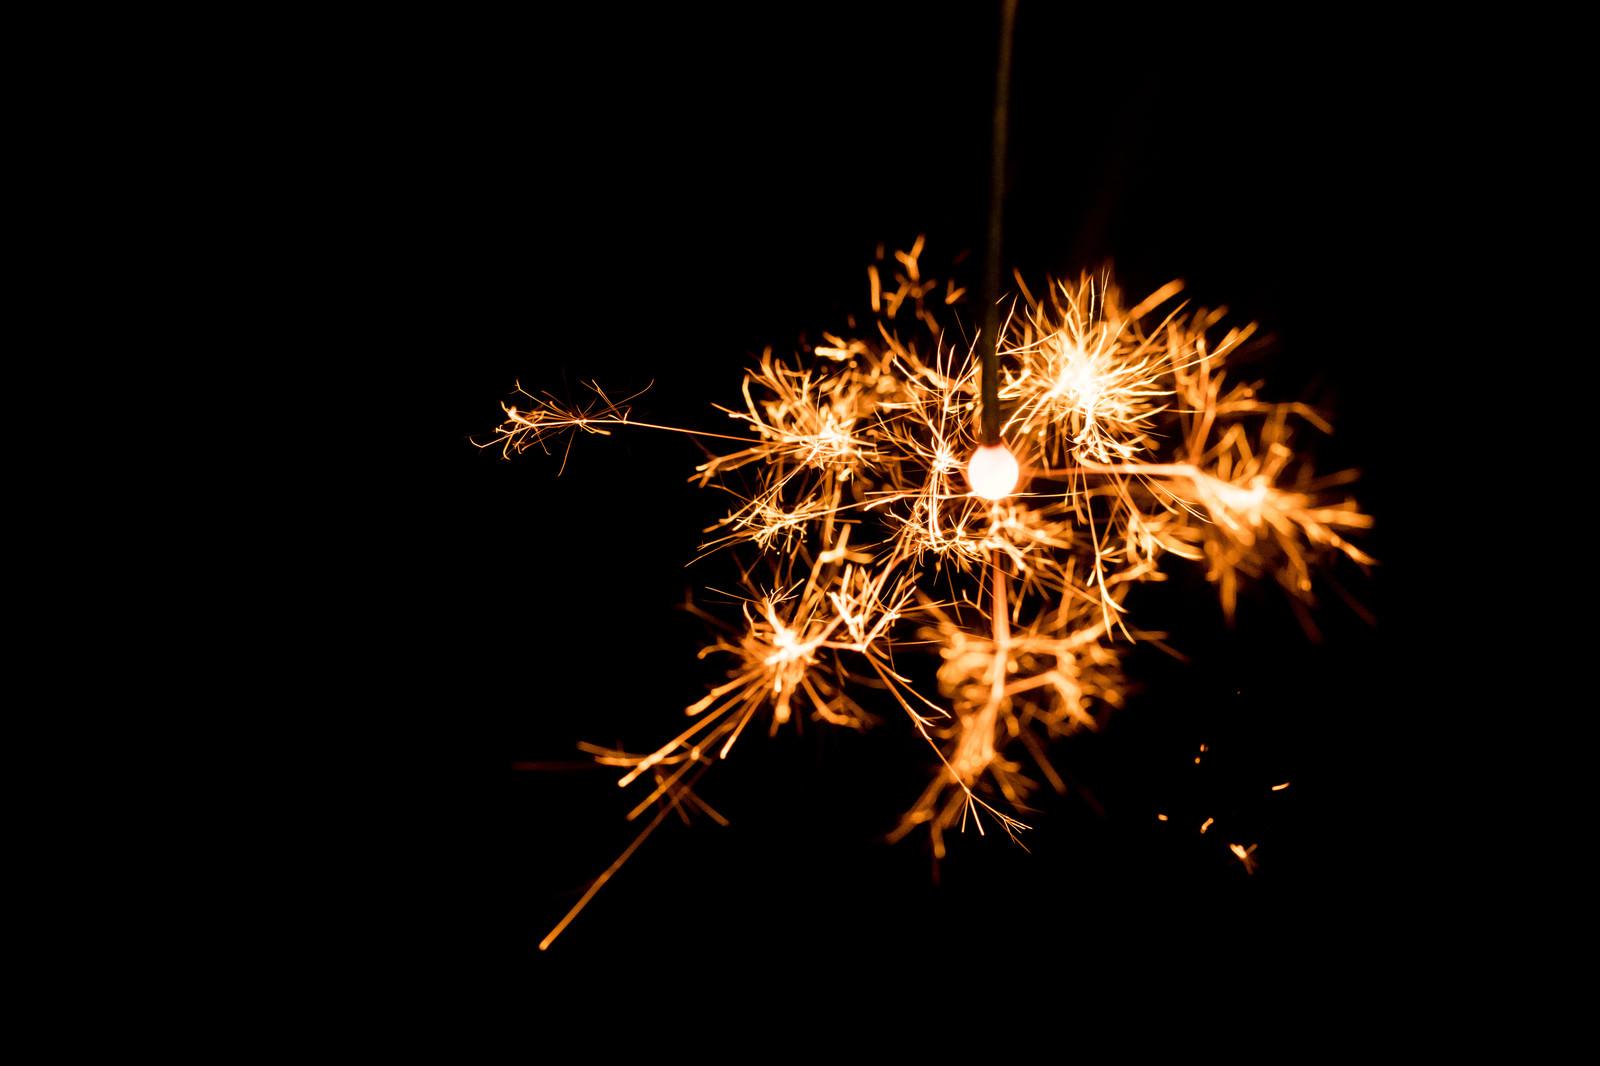 「線香花火パチパチ線香花火パチパチ」のフリー写真素材を拡大